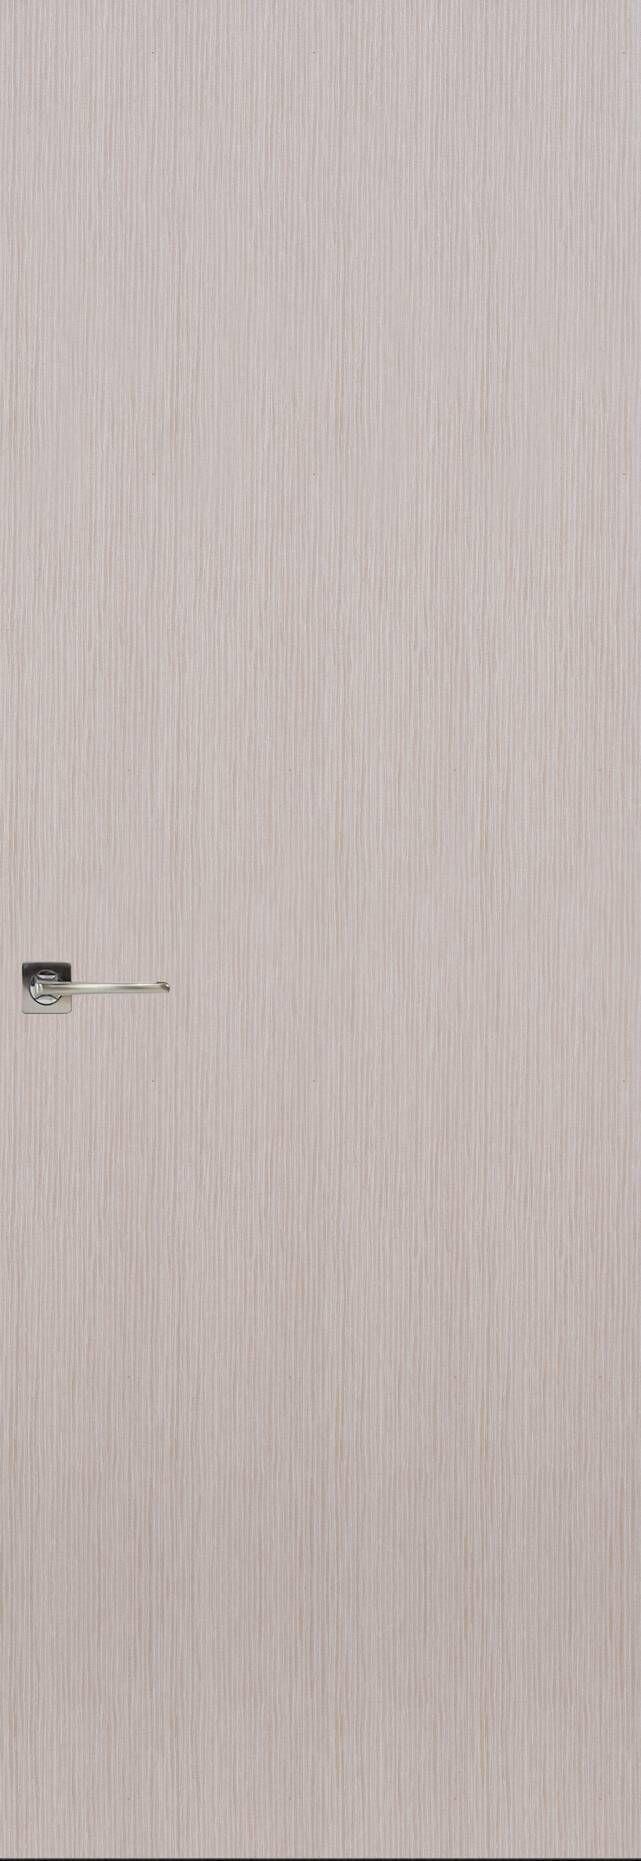 Tivoli А-1 Невидимка цвет - Дымчатый дуб Без стекла (ДГ)